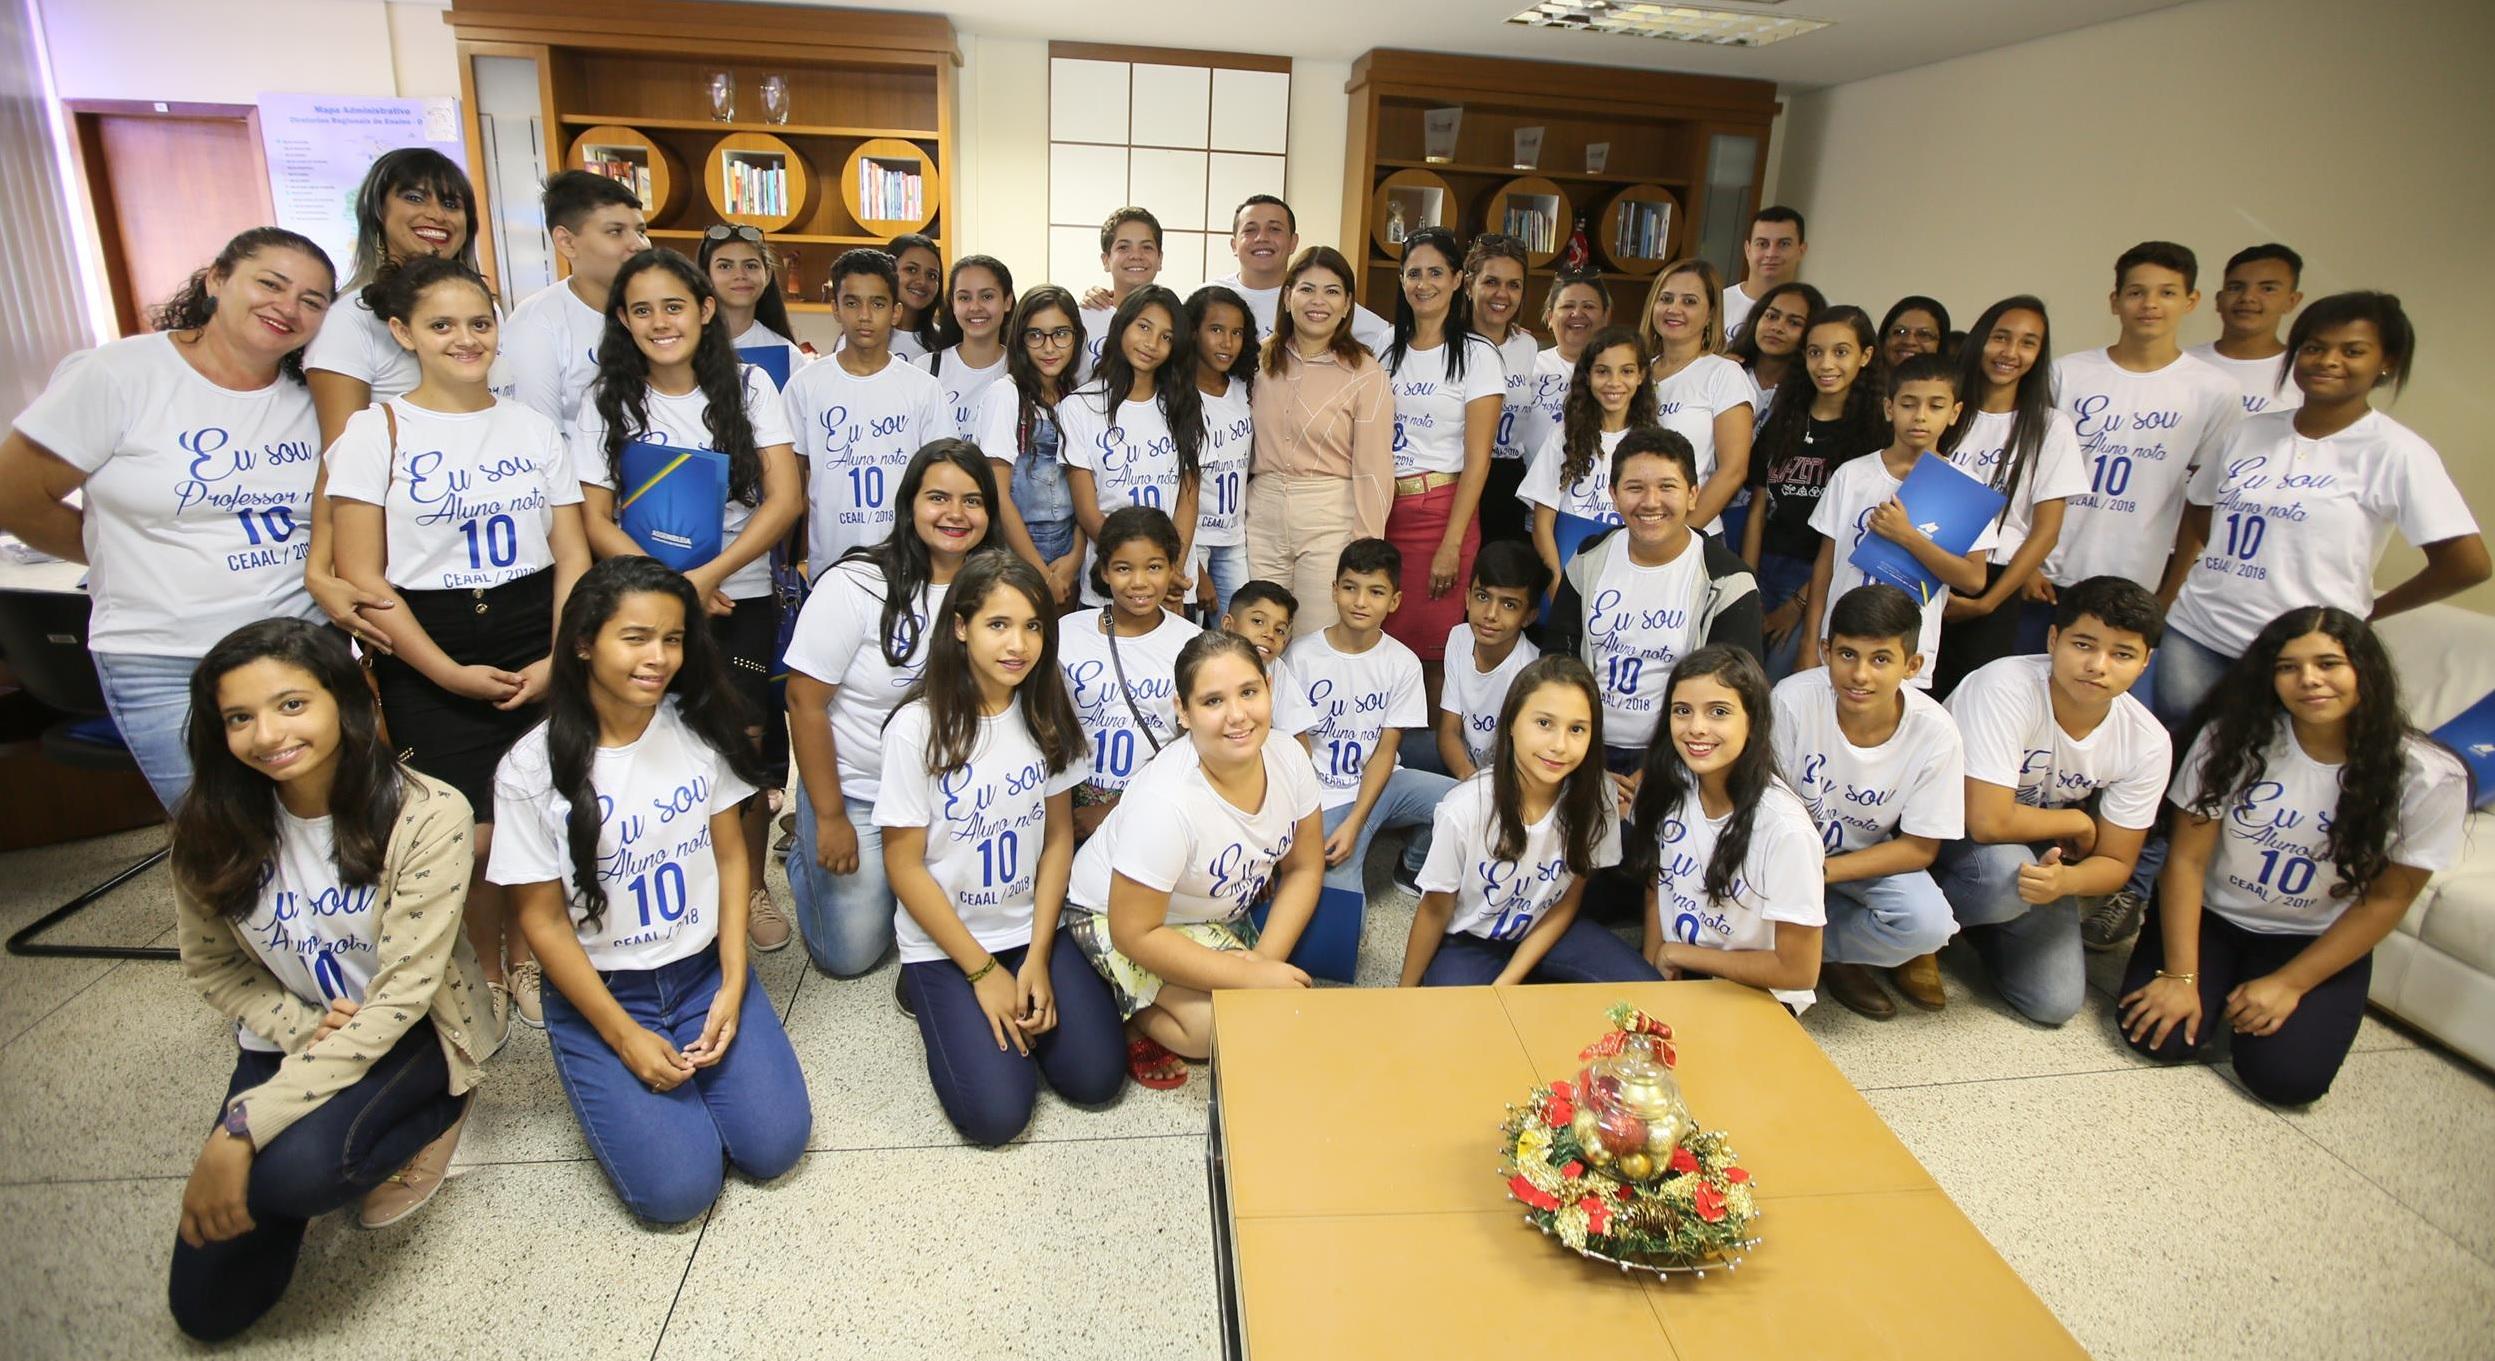 """Foto: Divulgação/SEDUC - Os alunos e professores da """"Caravana Nota 10 do CEAAL"""" foram recebidos pela secretaria Adriana Aguiar, que parabenizou a unidade de ensino pela iniciativa."""